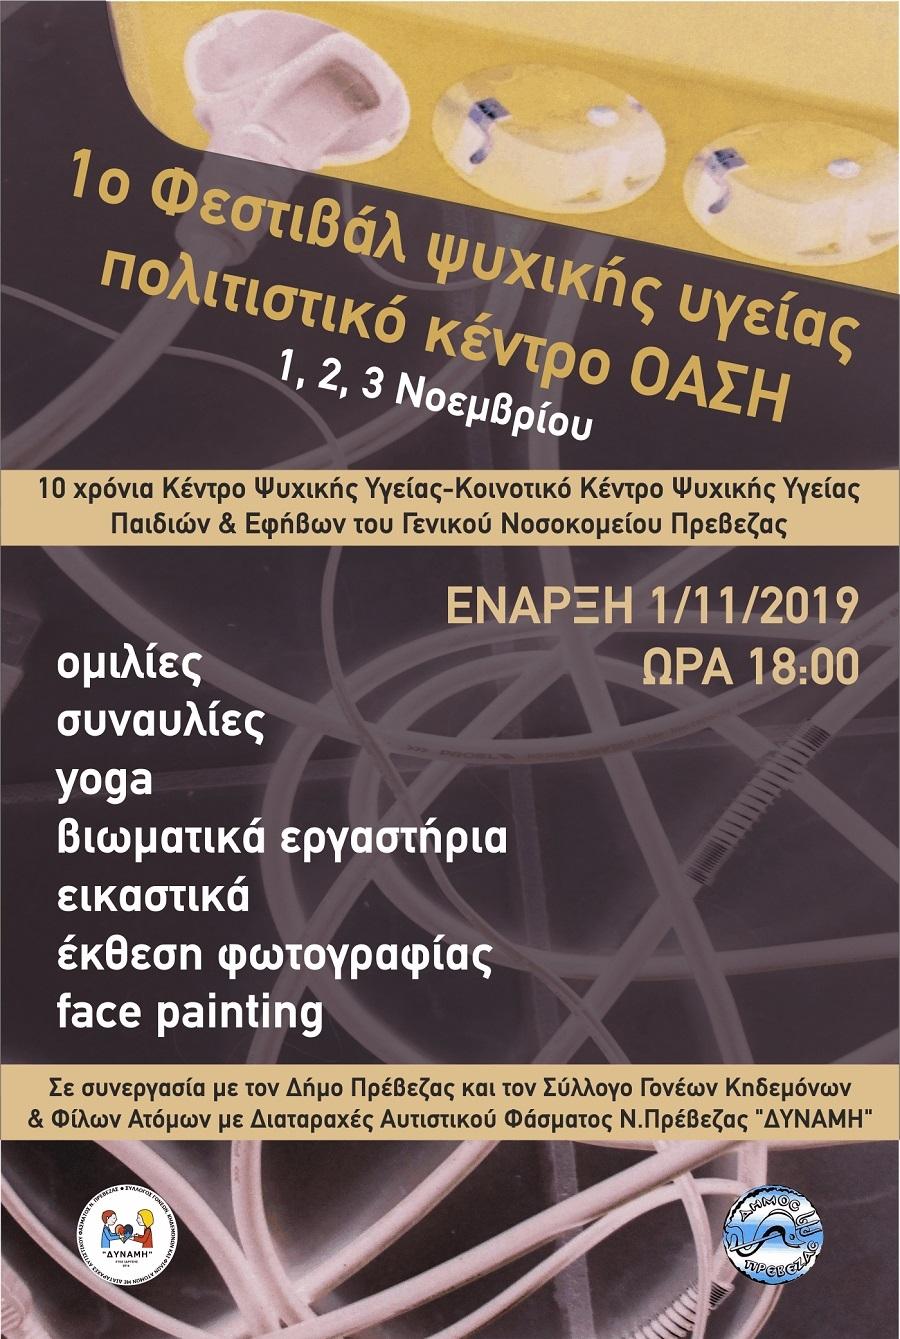 Αποτέλεσμα εικόνας για 1ο Φεστιβάλ Ψυχικής Υγείας στην Πρέβεζα από 1 έως 3 Νοεμβρίου